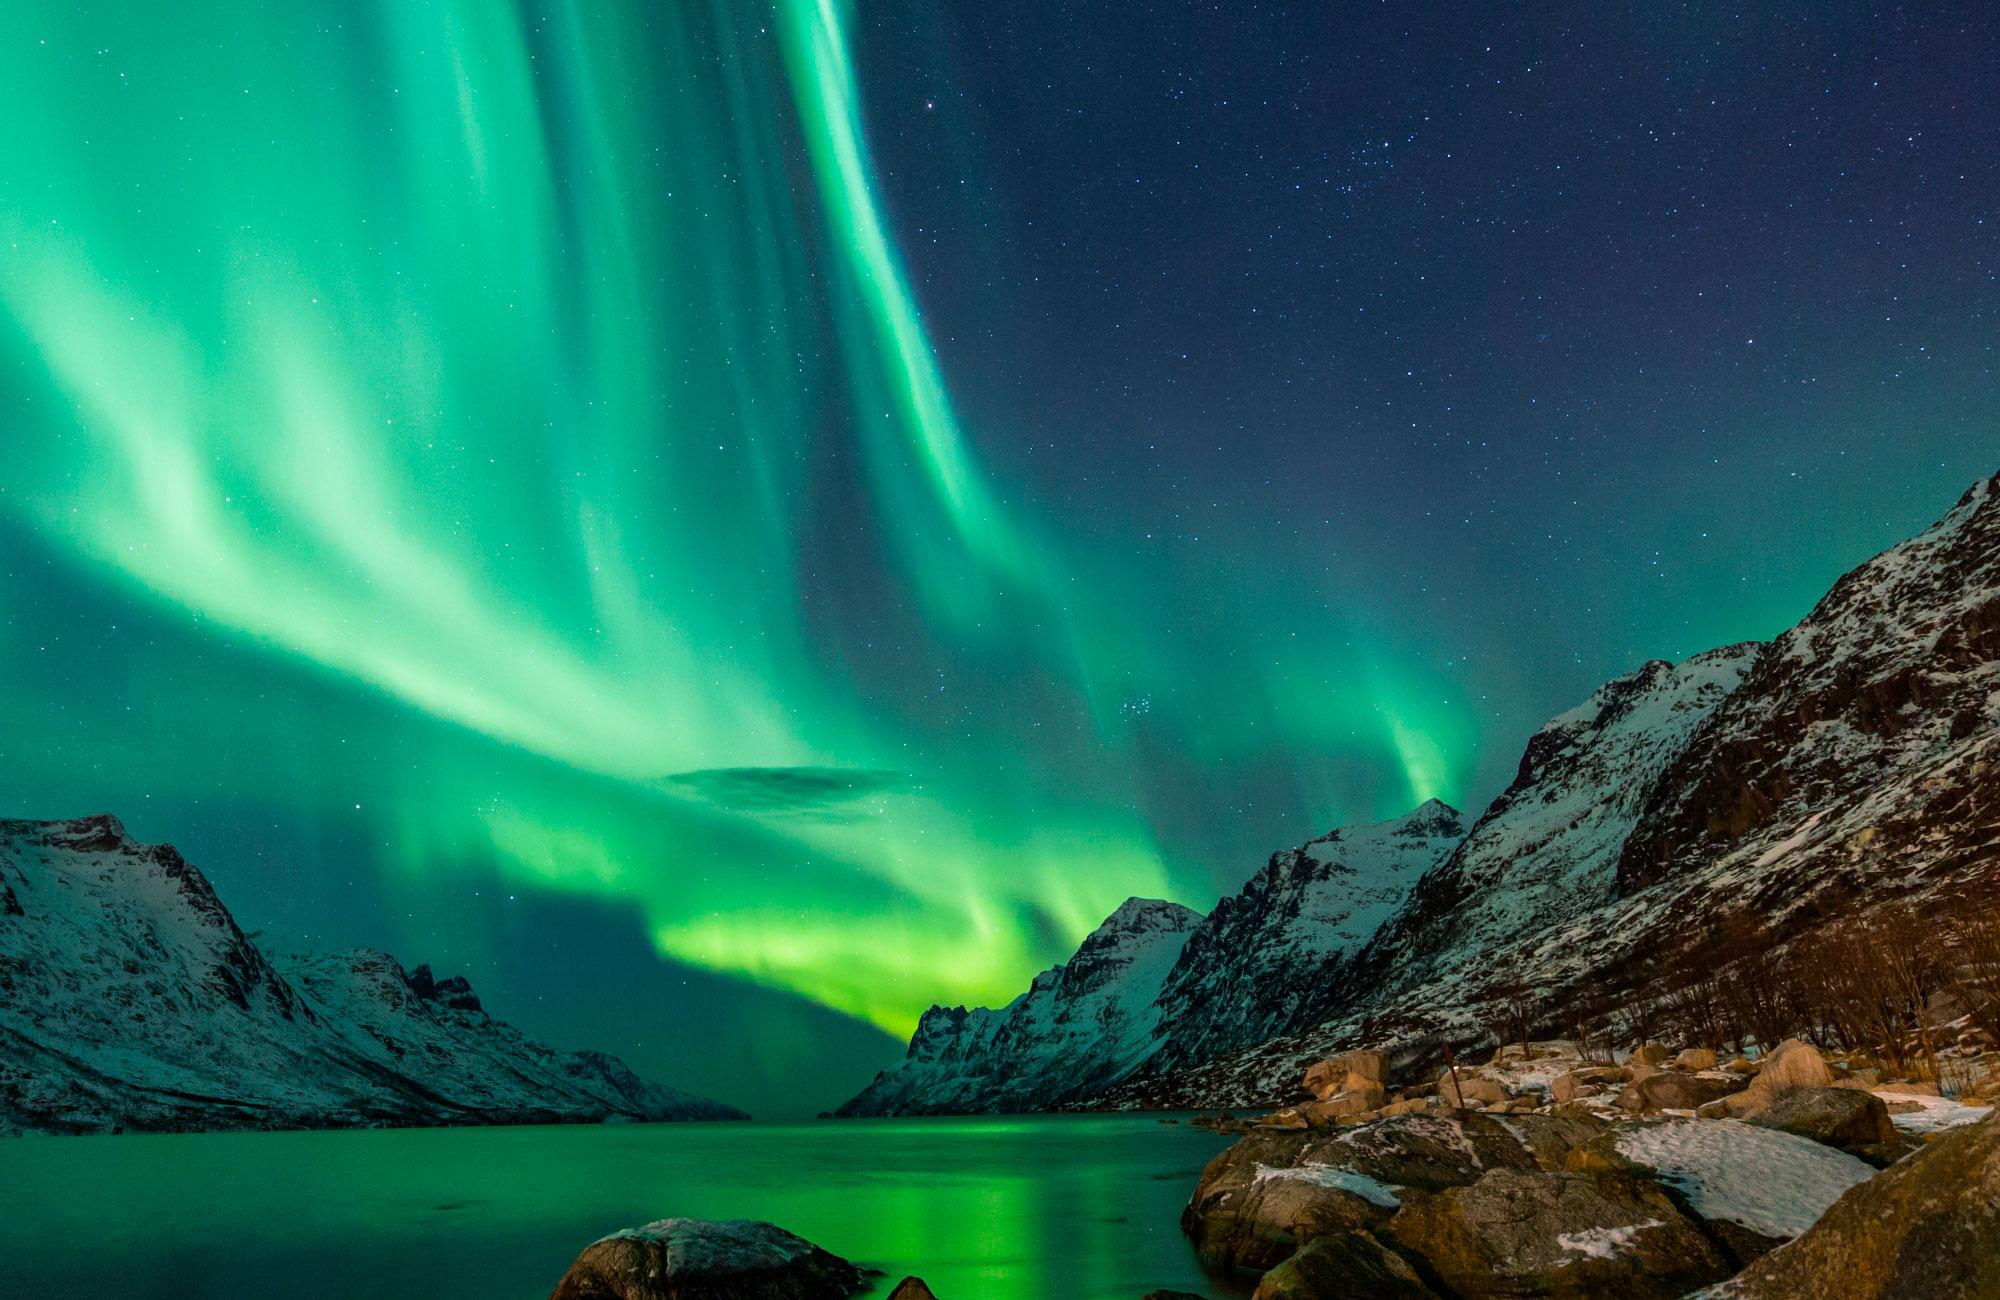 Une aurore boréale en Islande